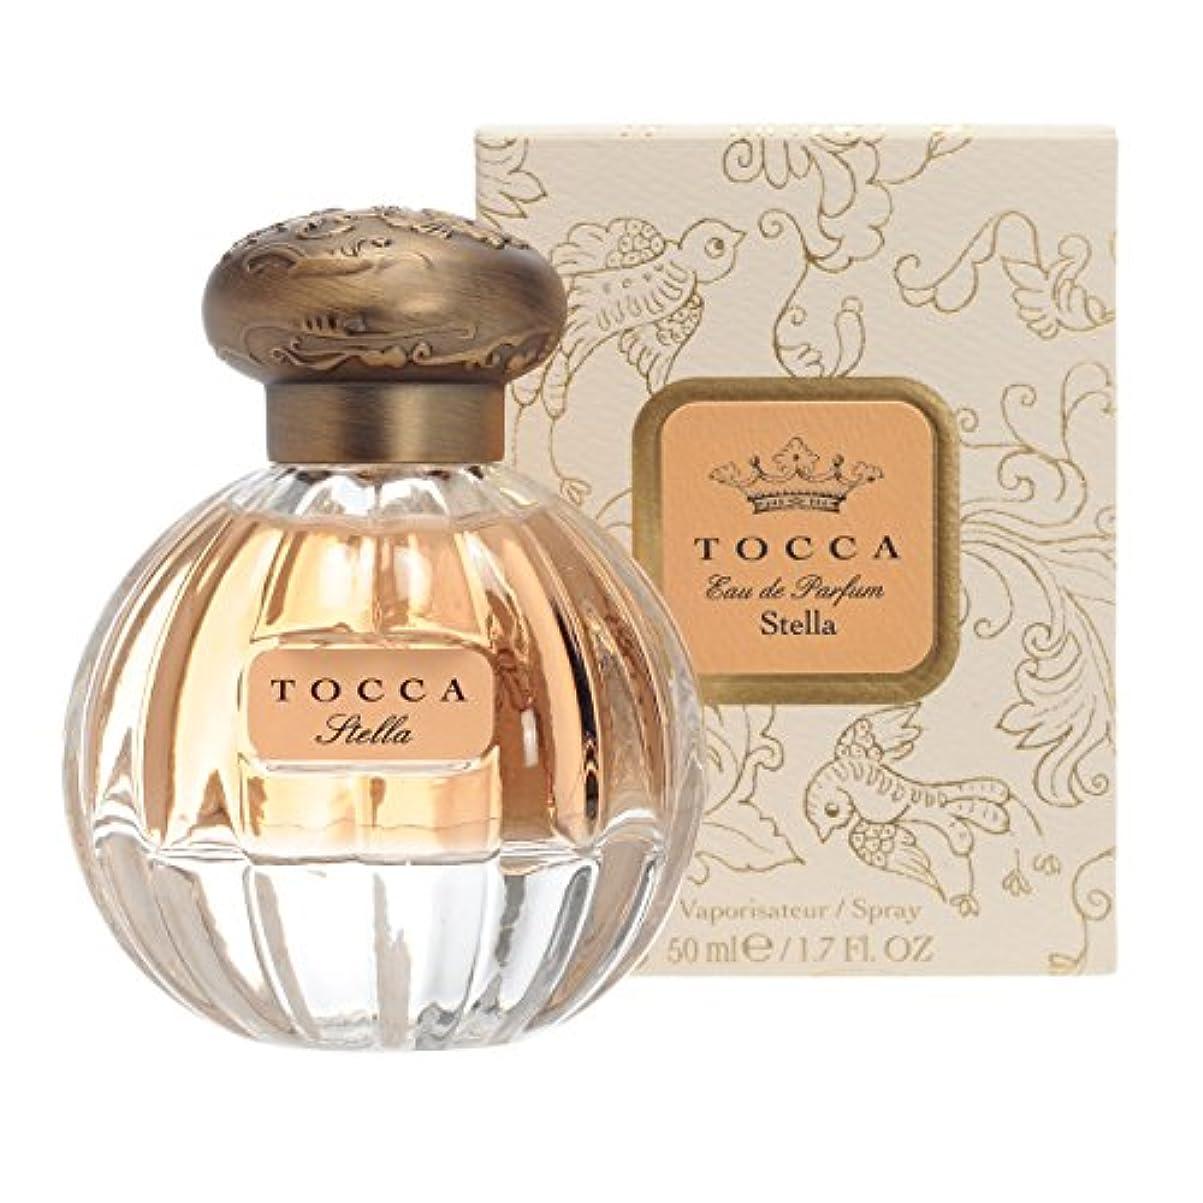 言及するイサカ居心地の良いトッカ(TOCCA) オードパルファム ステラの香り 50ml(香水 美しく気まぐれなイタリア娘のように、ブラッドオレンジがはじけるフレッシュでフルーティな香り)